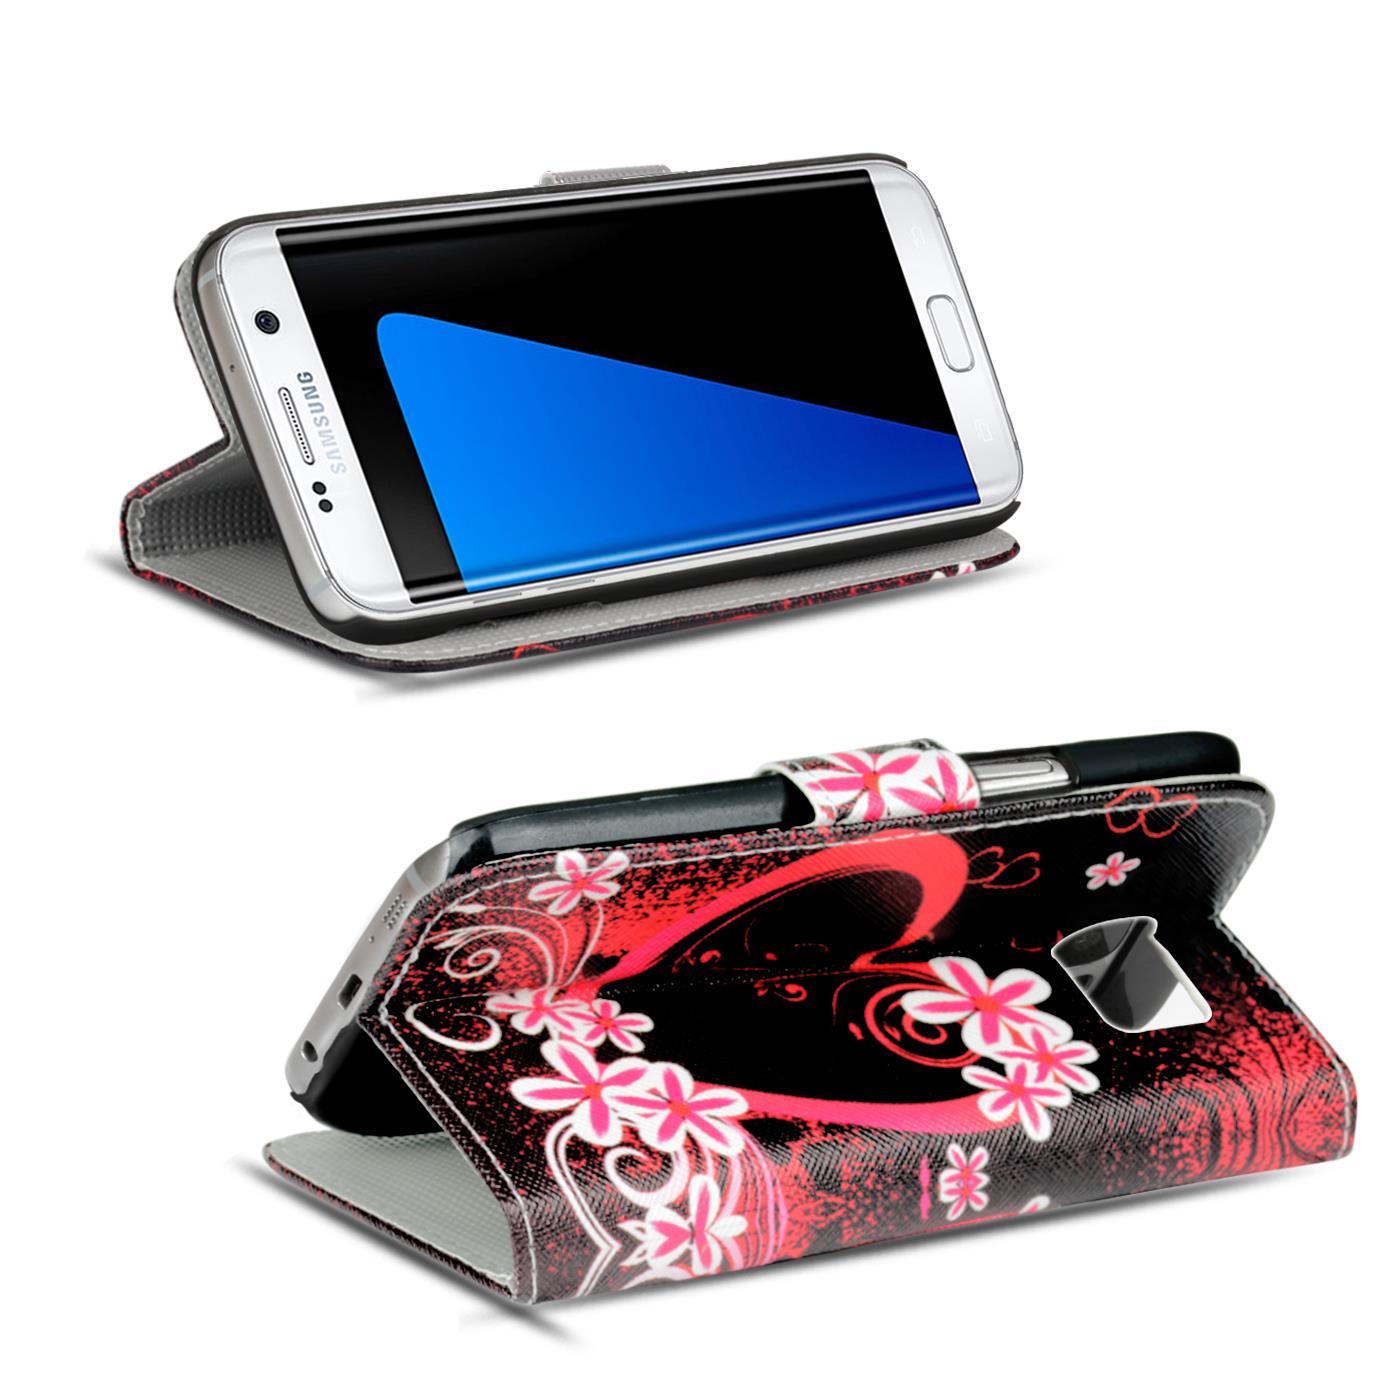 Schutz-Huelle-fuer-Samsung-Galaxy-Handy-Tasche-Flip-Cover-Wallet-Etui-Case-Schale Indexbild 25